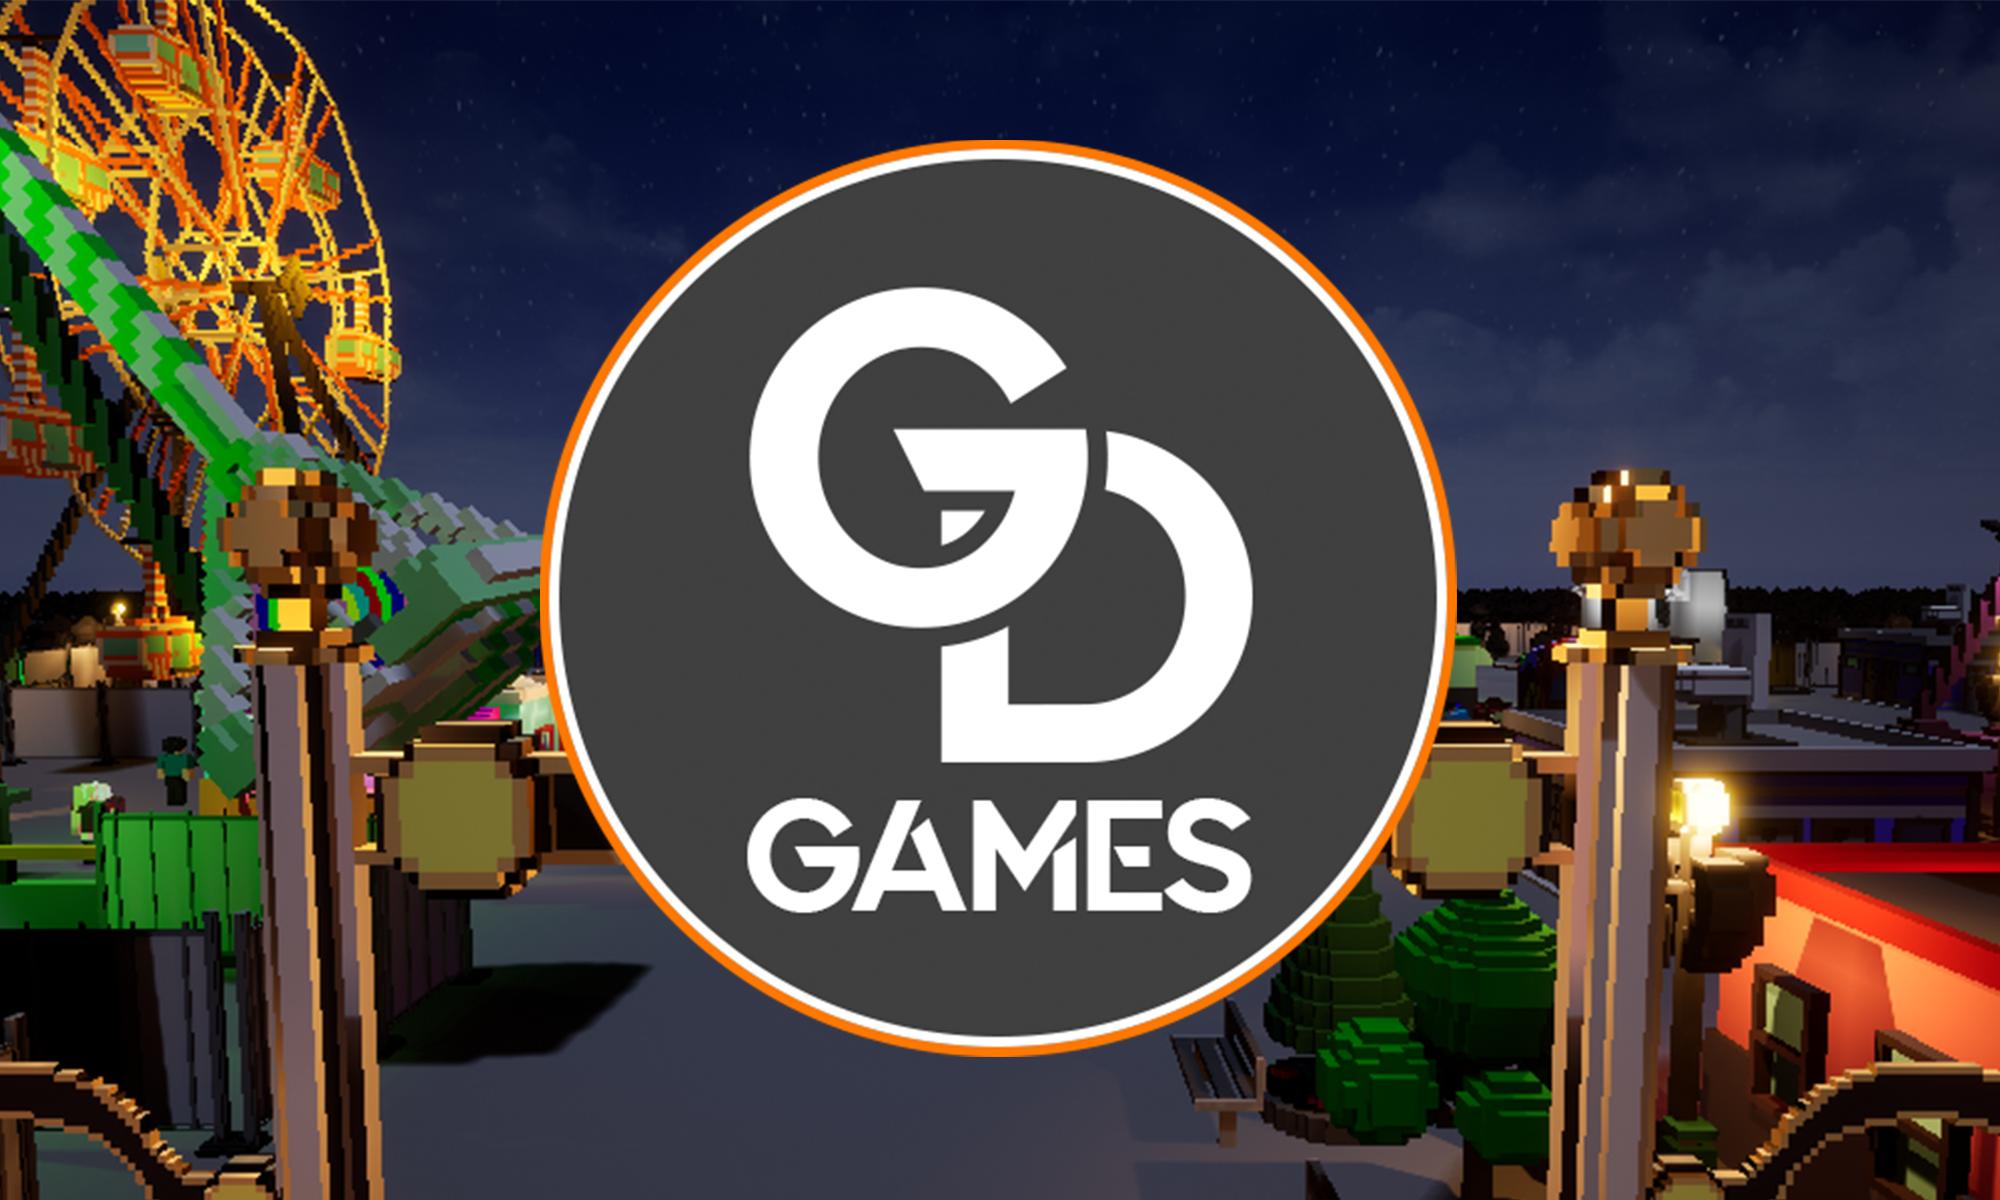 GriDie Games